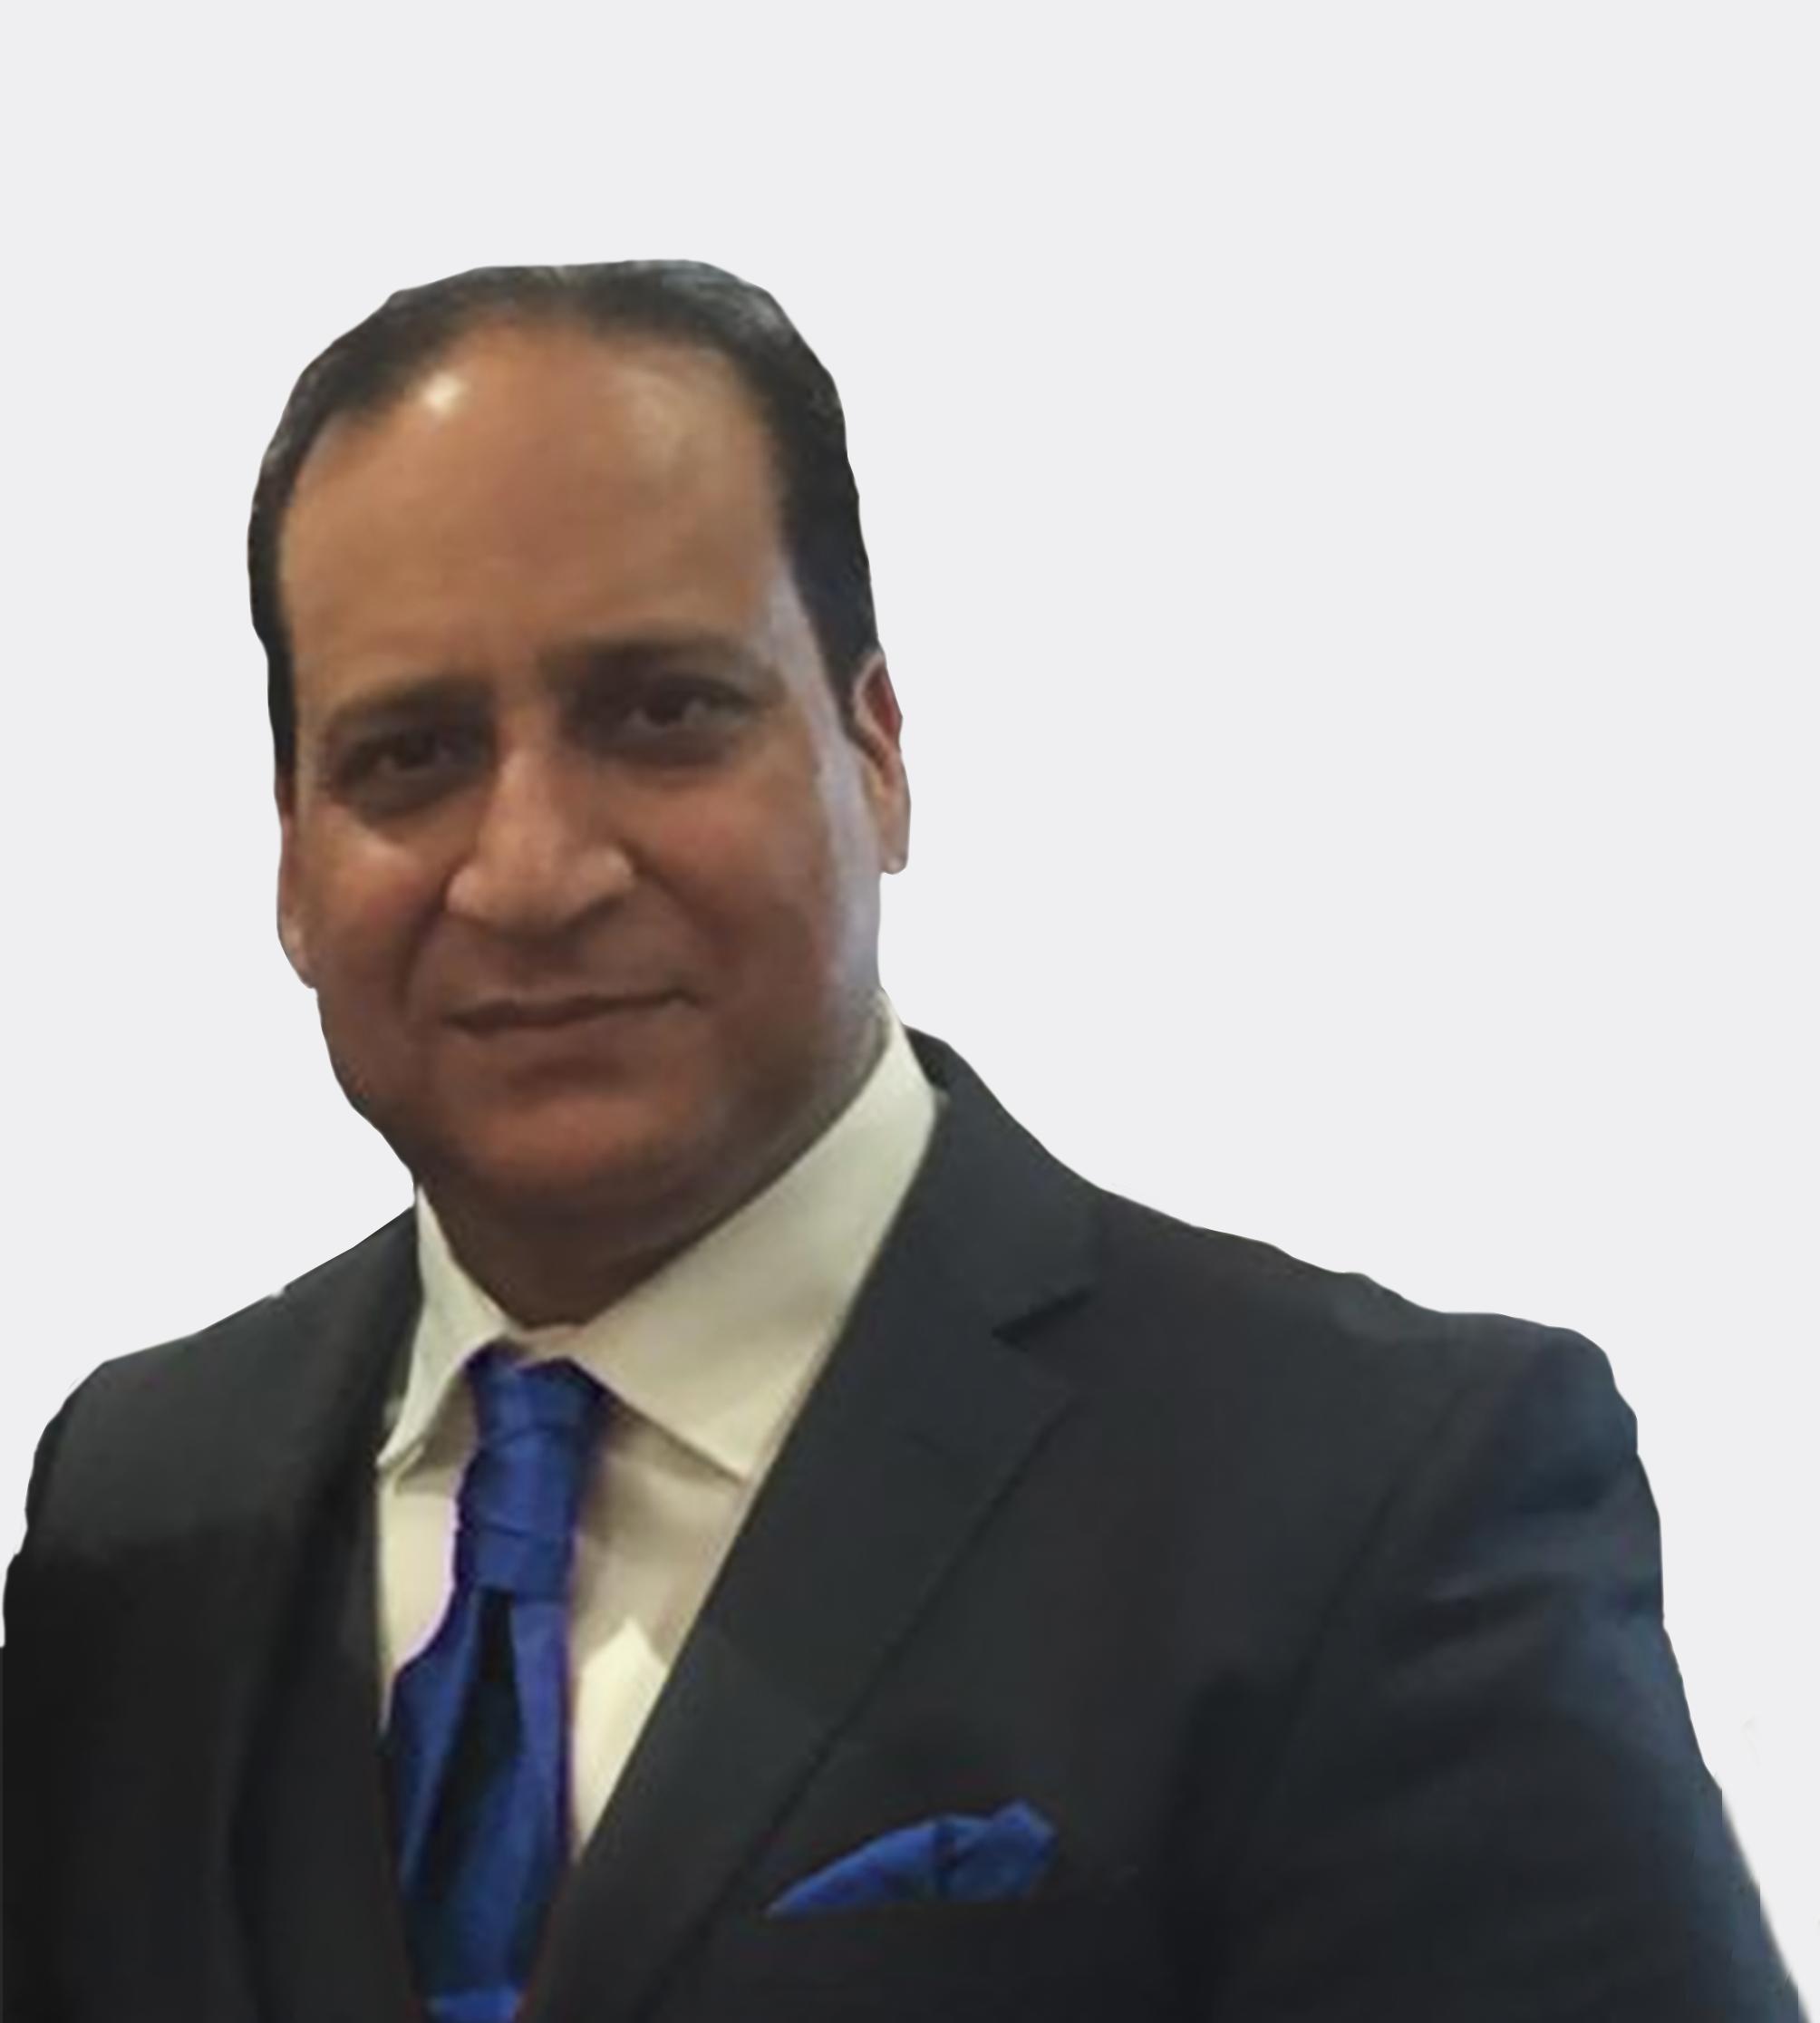 Mohammed Jamil